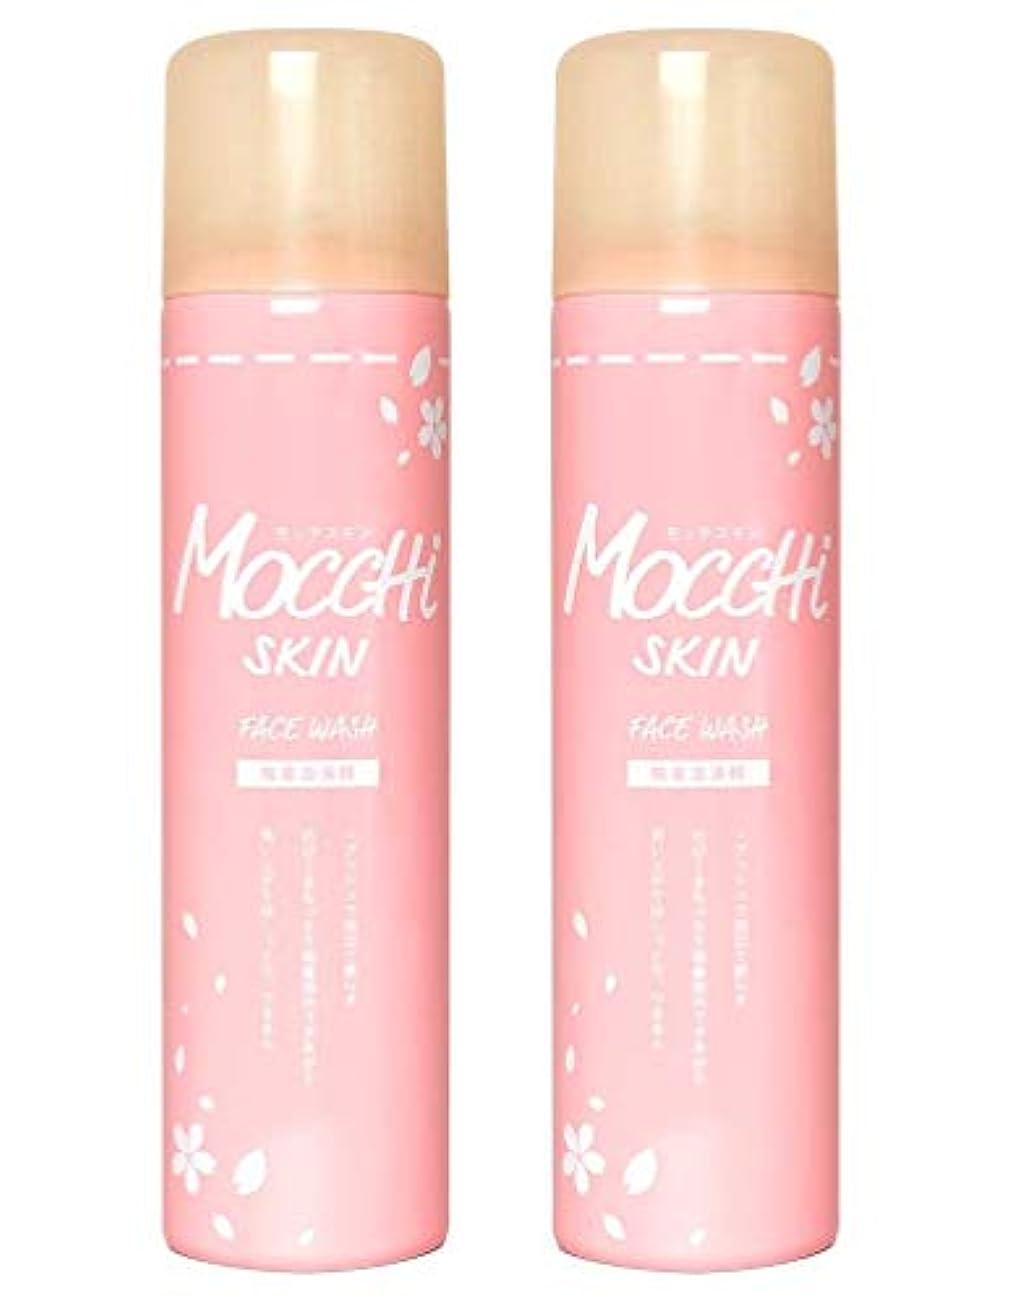 モッチスキン 吸着泡洗顔 桜 2本セット (150g×2)